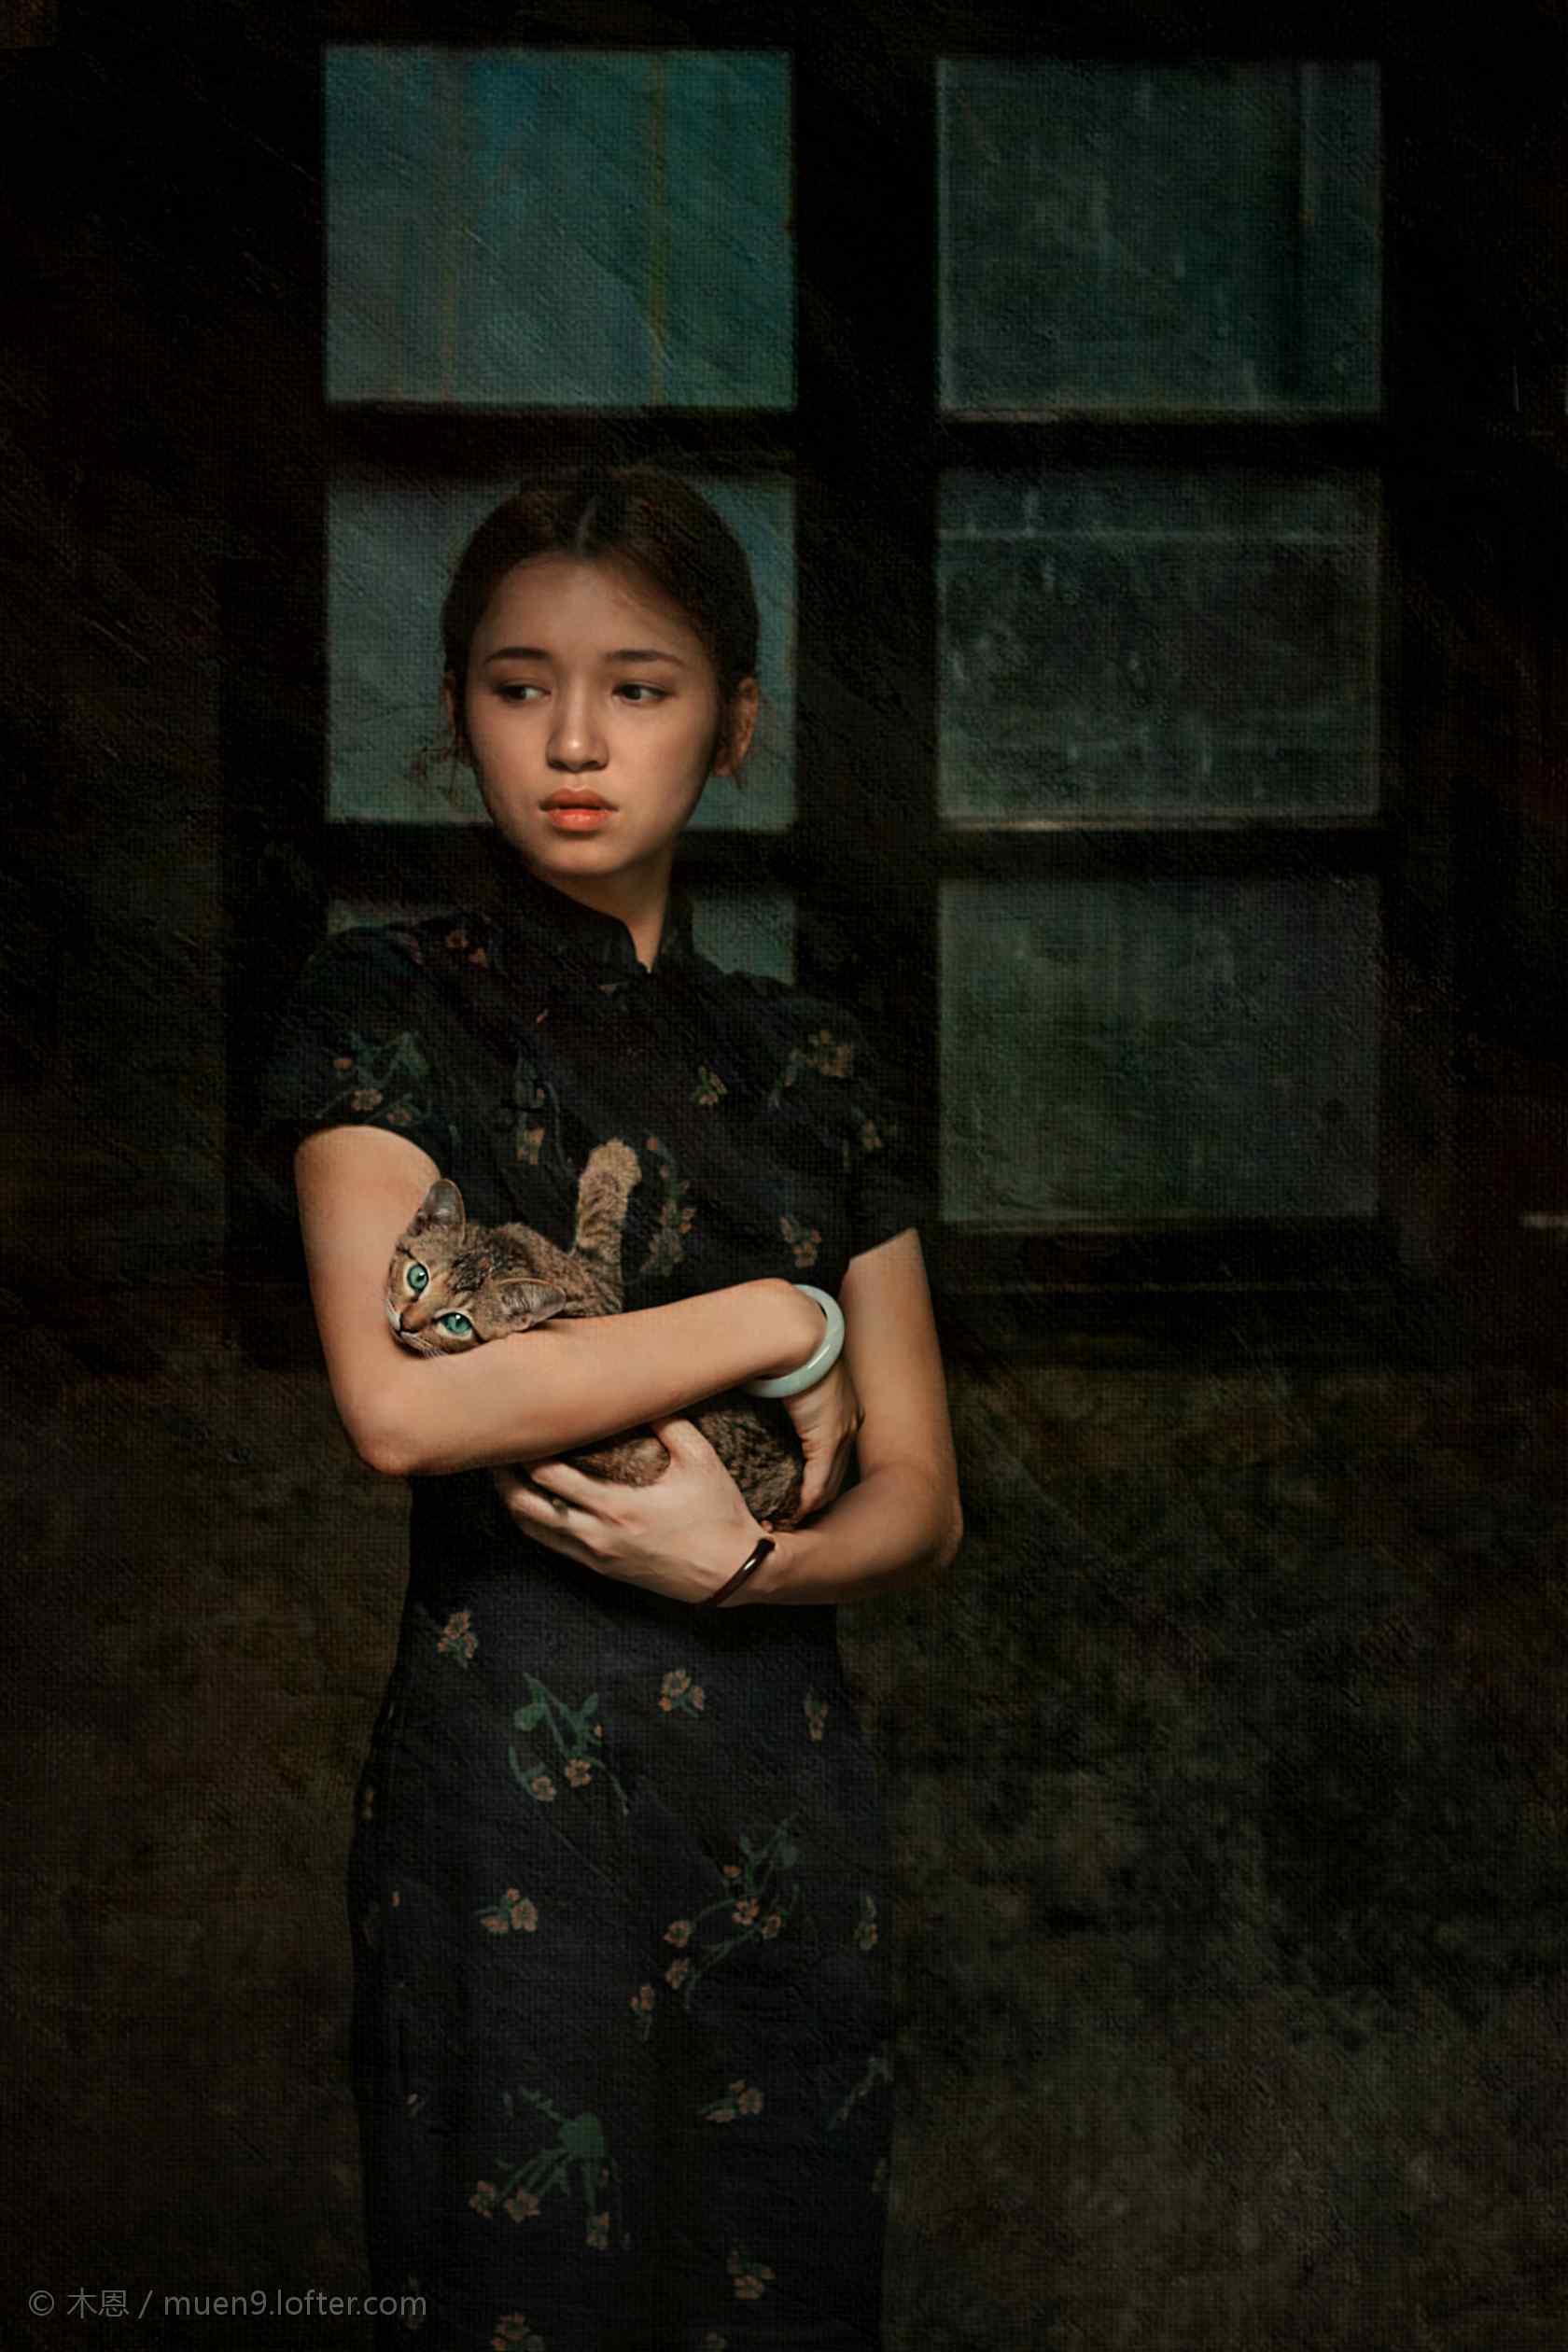 旗袍—复古美女怀中抱着小猫手机壁纸